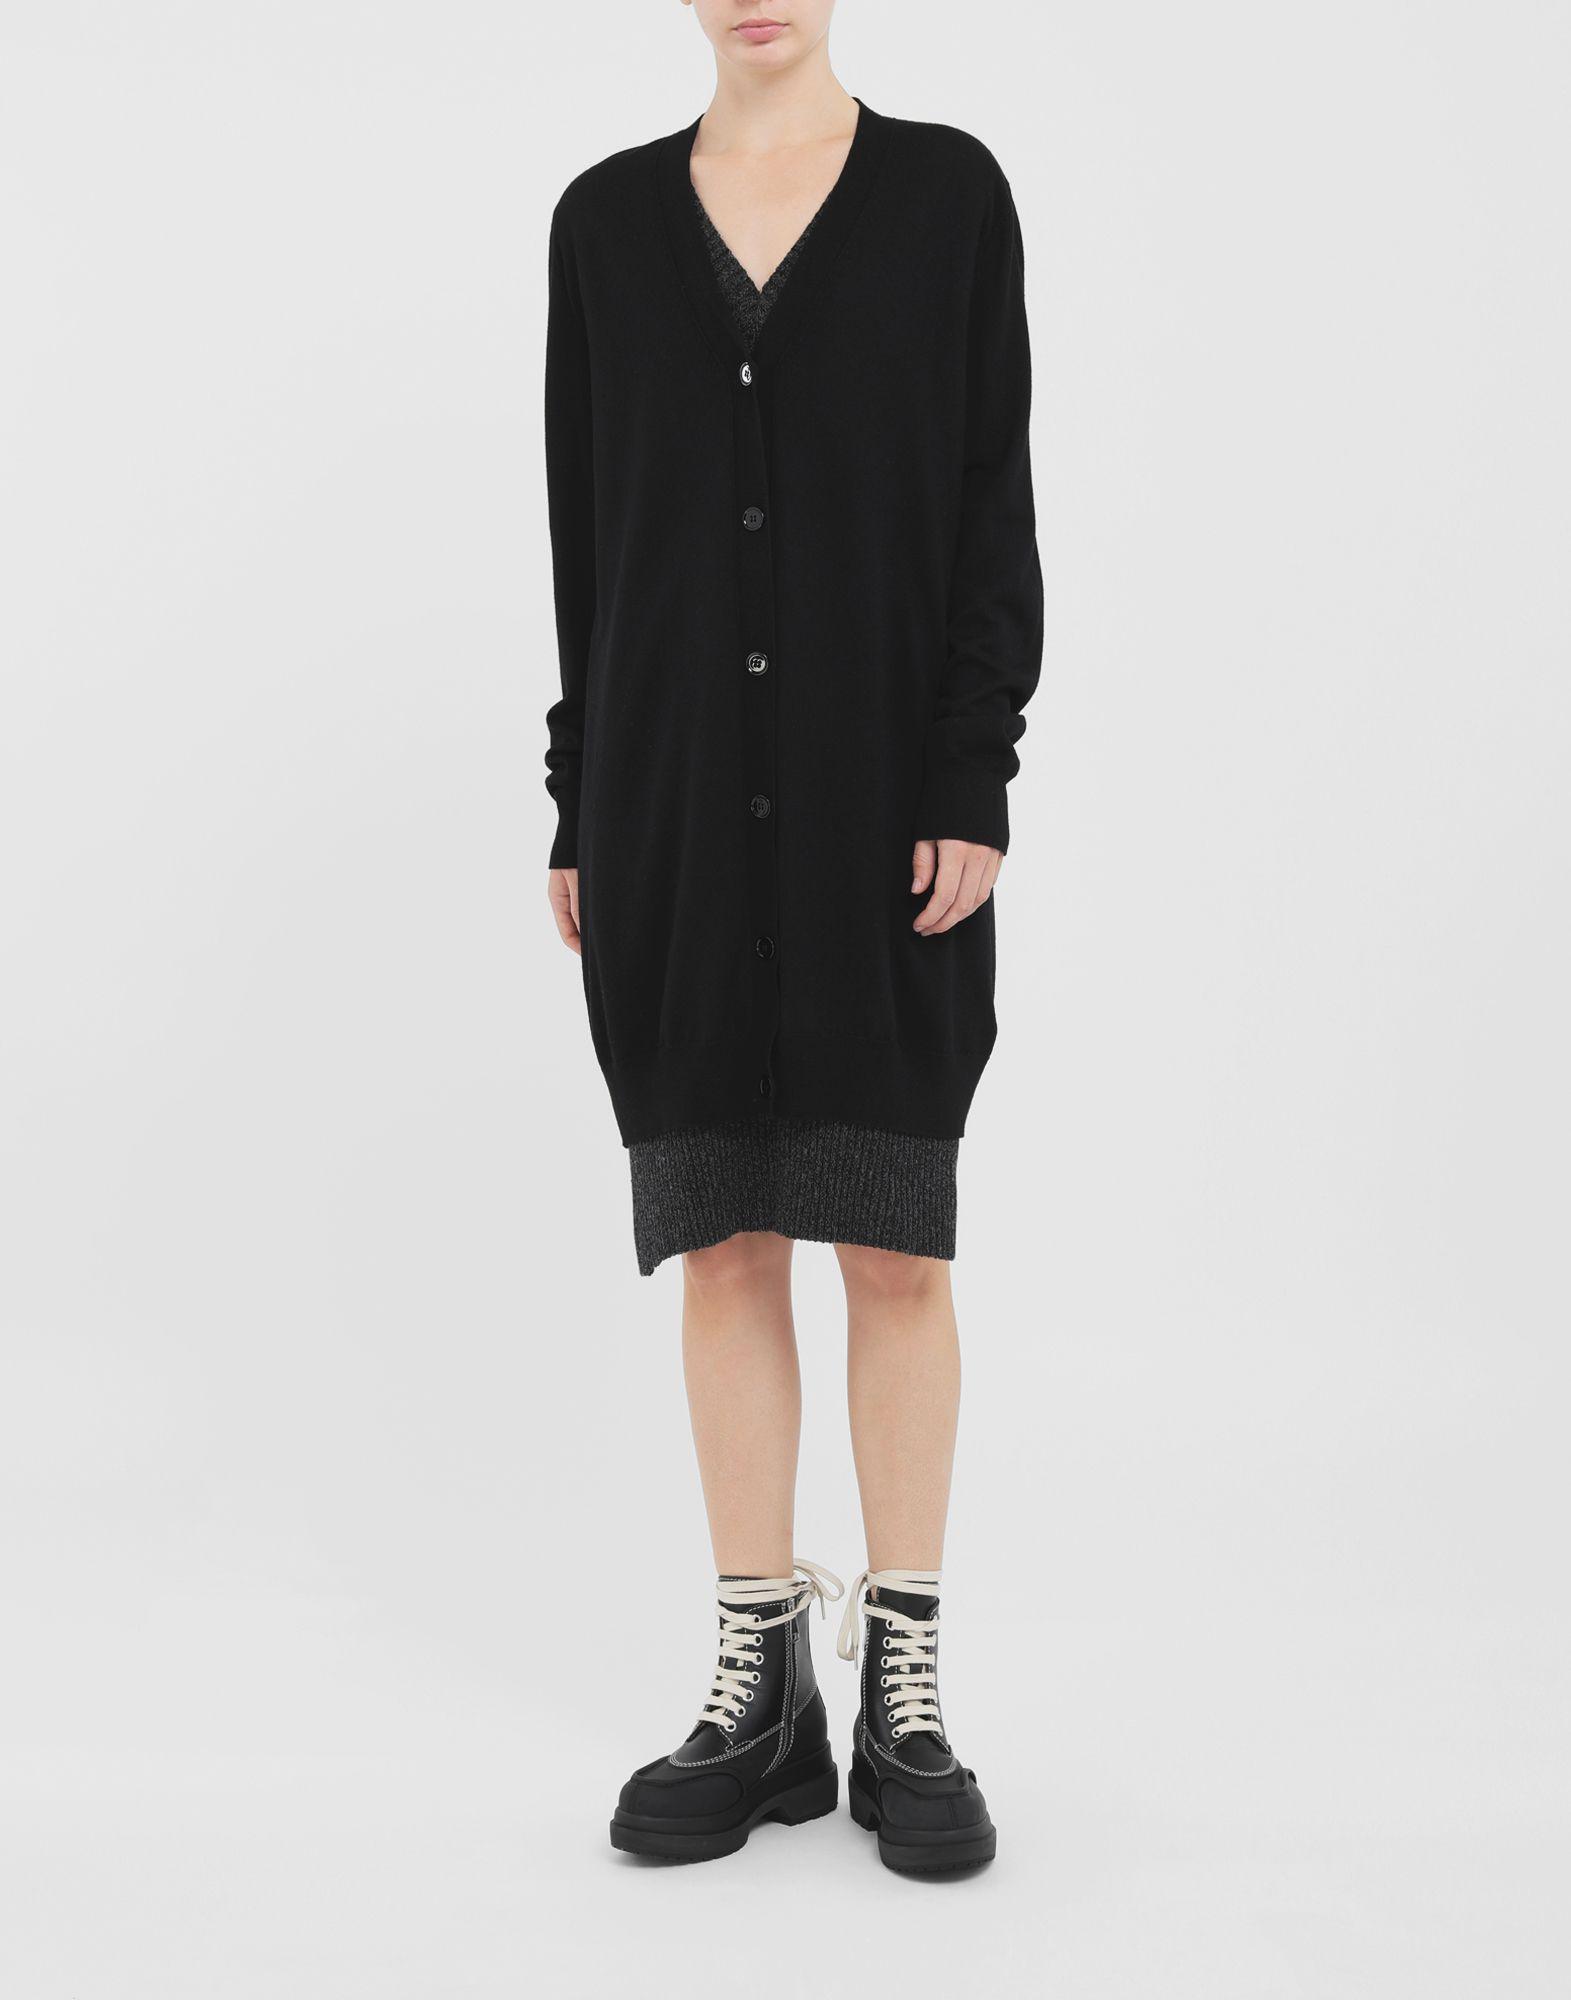 MM6 MAISON MARGIELA Abito-cardigan multi-wear Vestito Donna r